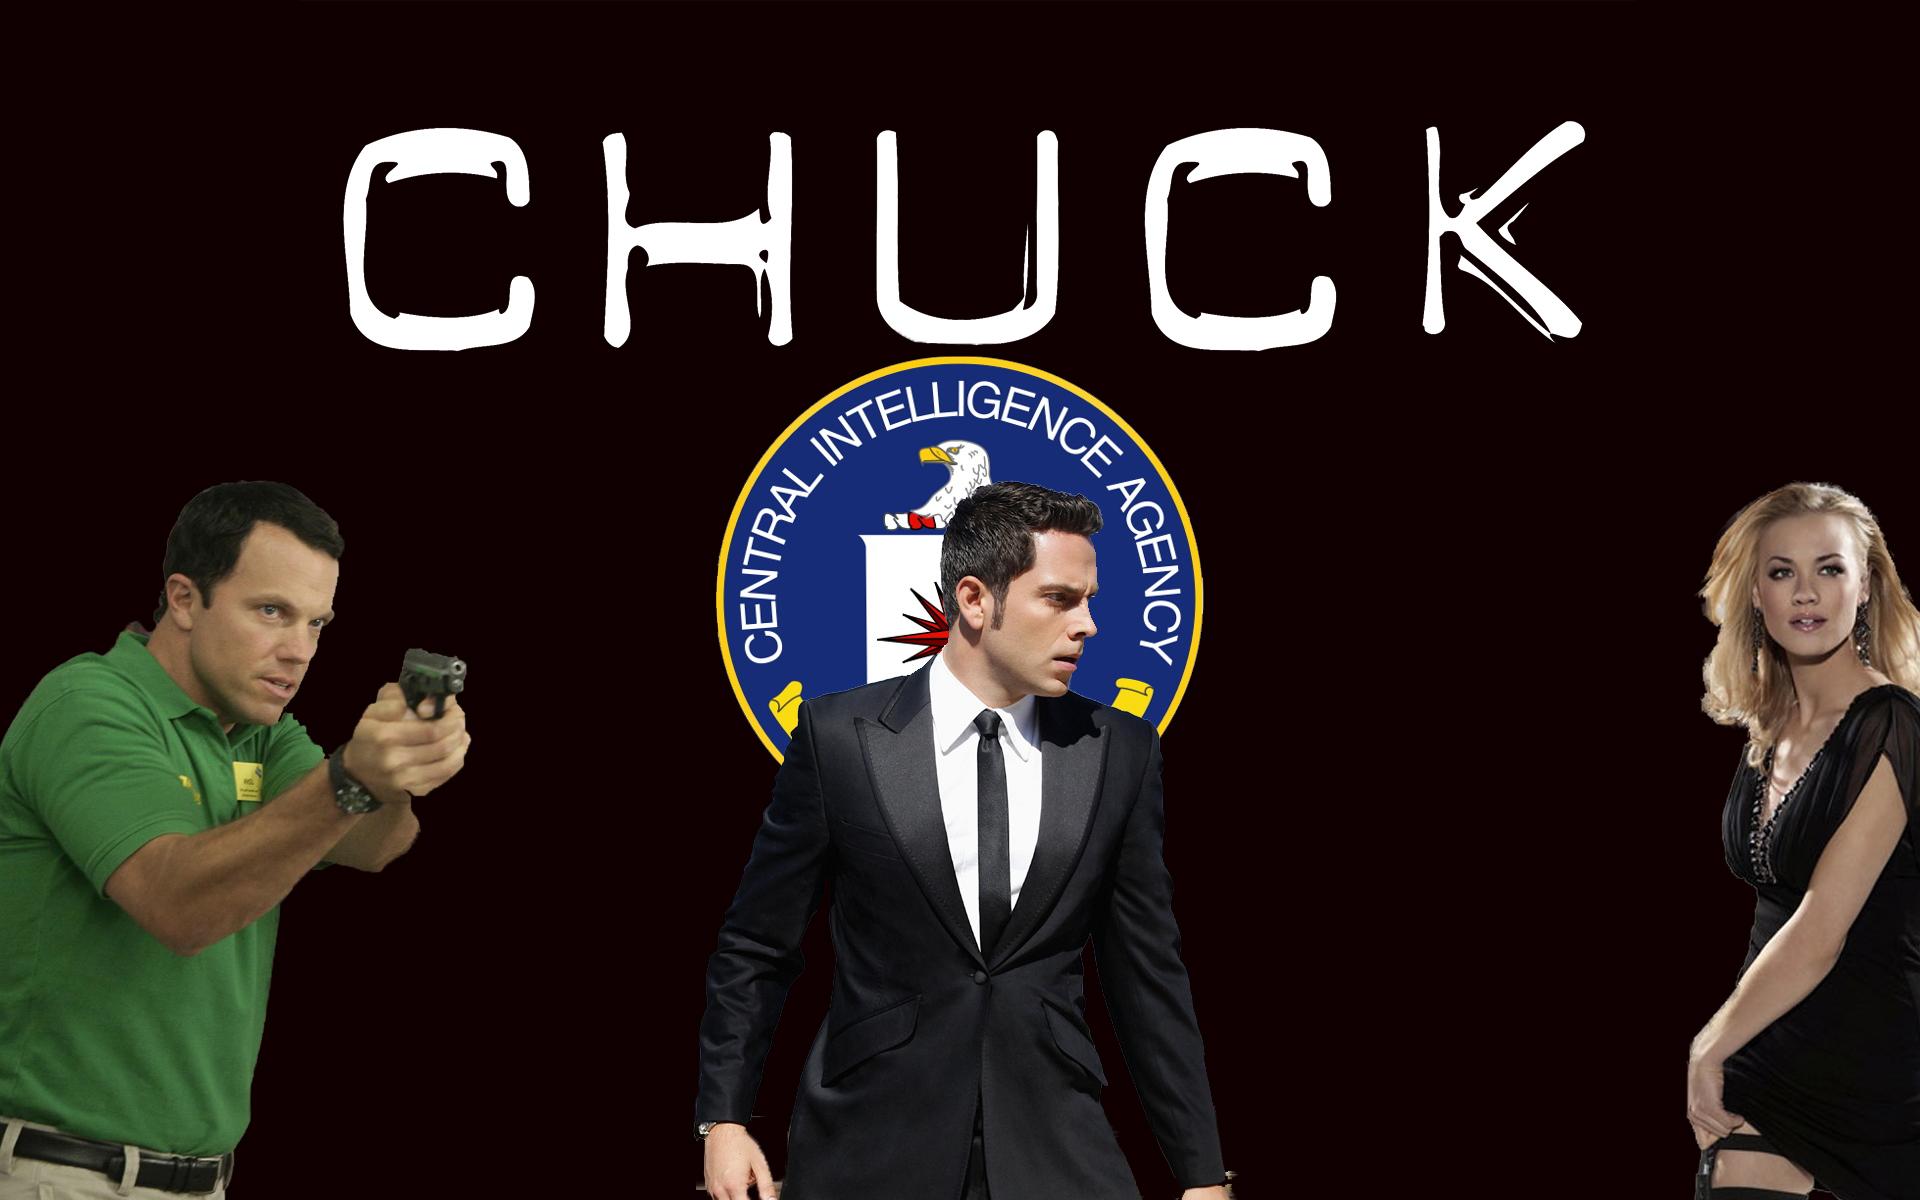 Chuck Chuck Sarah Case...